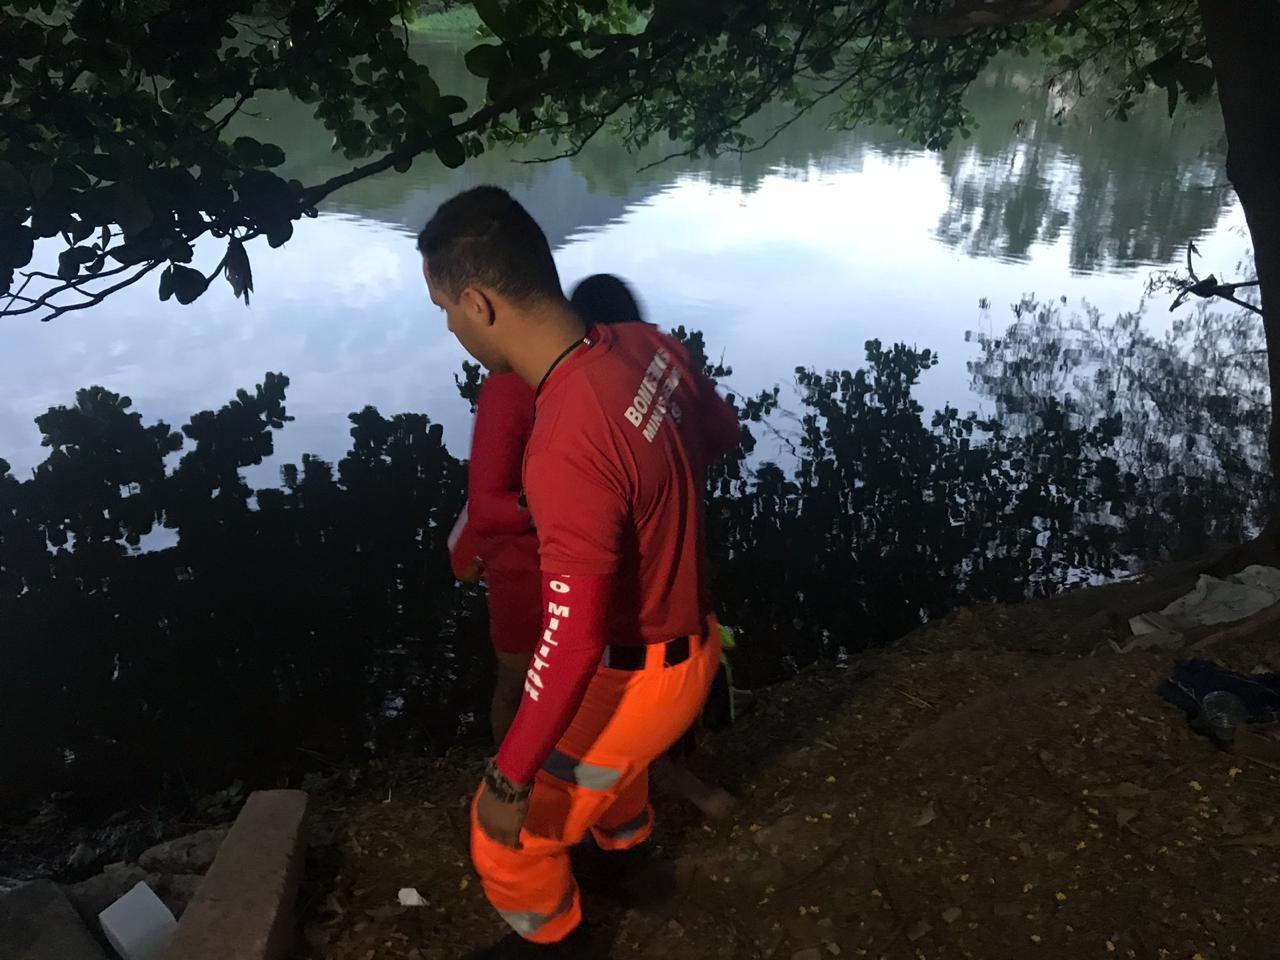 Bombeiros procuram por jovens que se afogaram no Rio Doce em Conselheiro Pena e Valadares - Notícias - Plantão Diário